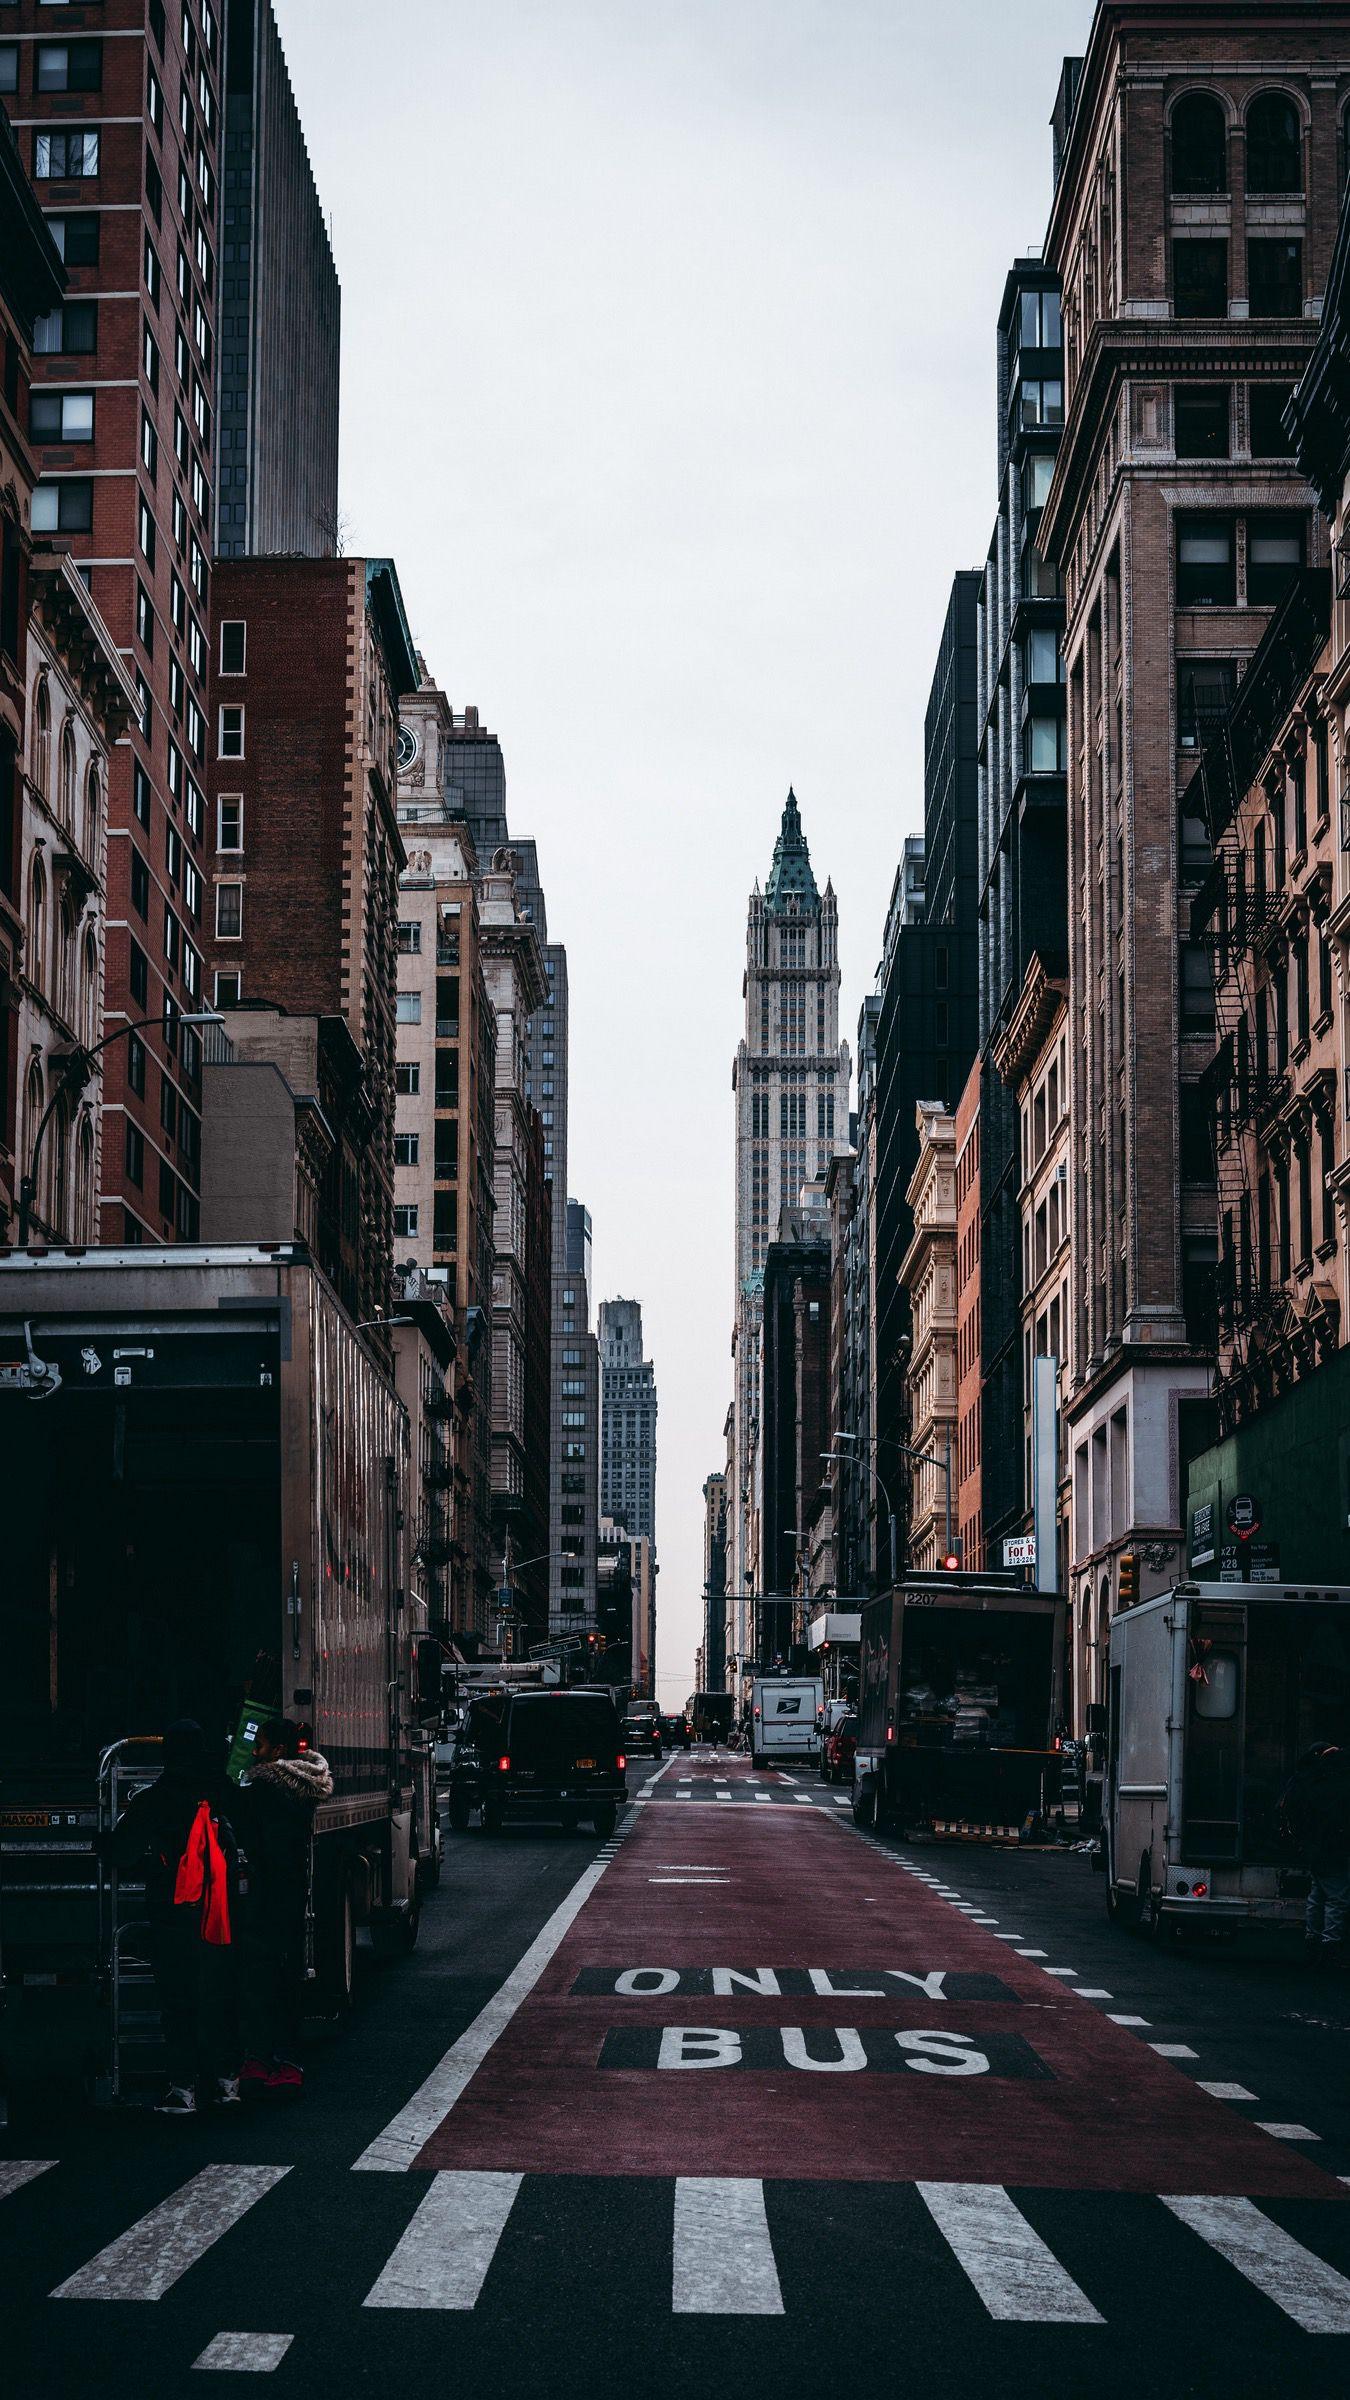 Обои НьюЙорк, заставка на айфон, pretty wallpapers, cute